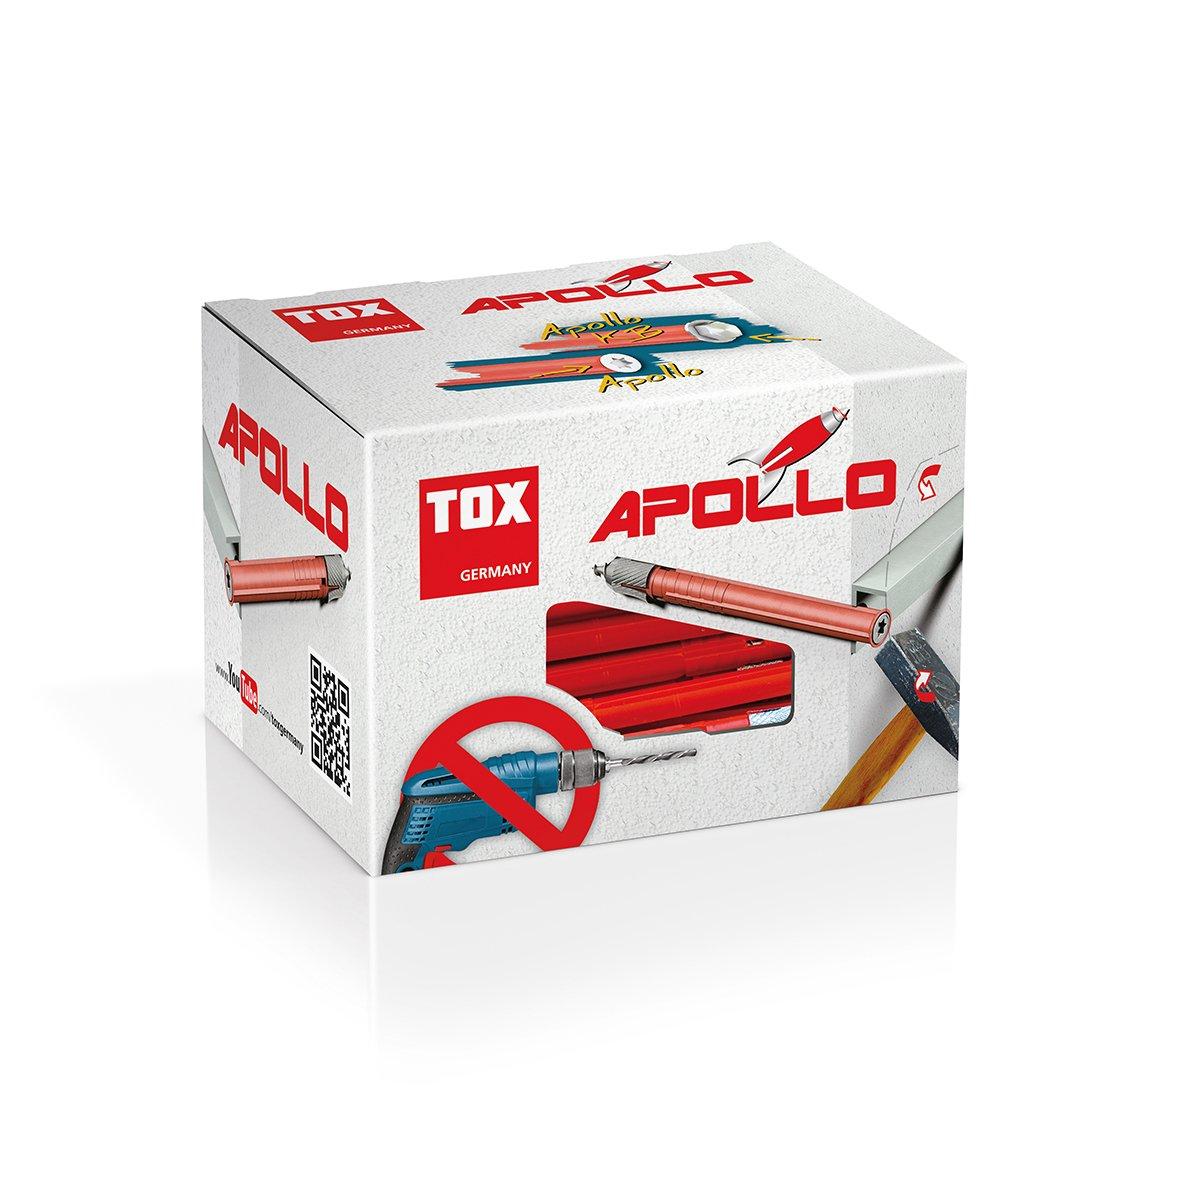 Tassello Tox X TelaiModello Per 140 049101161 Apollo8 Multiuso Z8nPwN0XkO